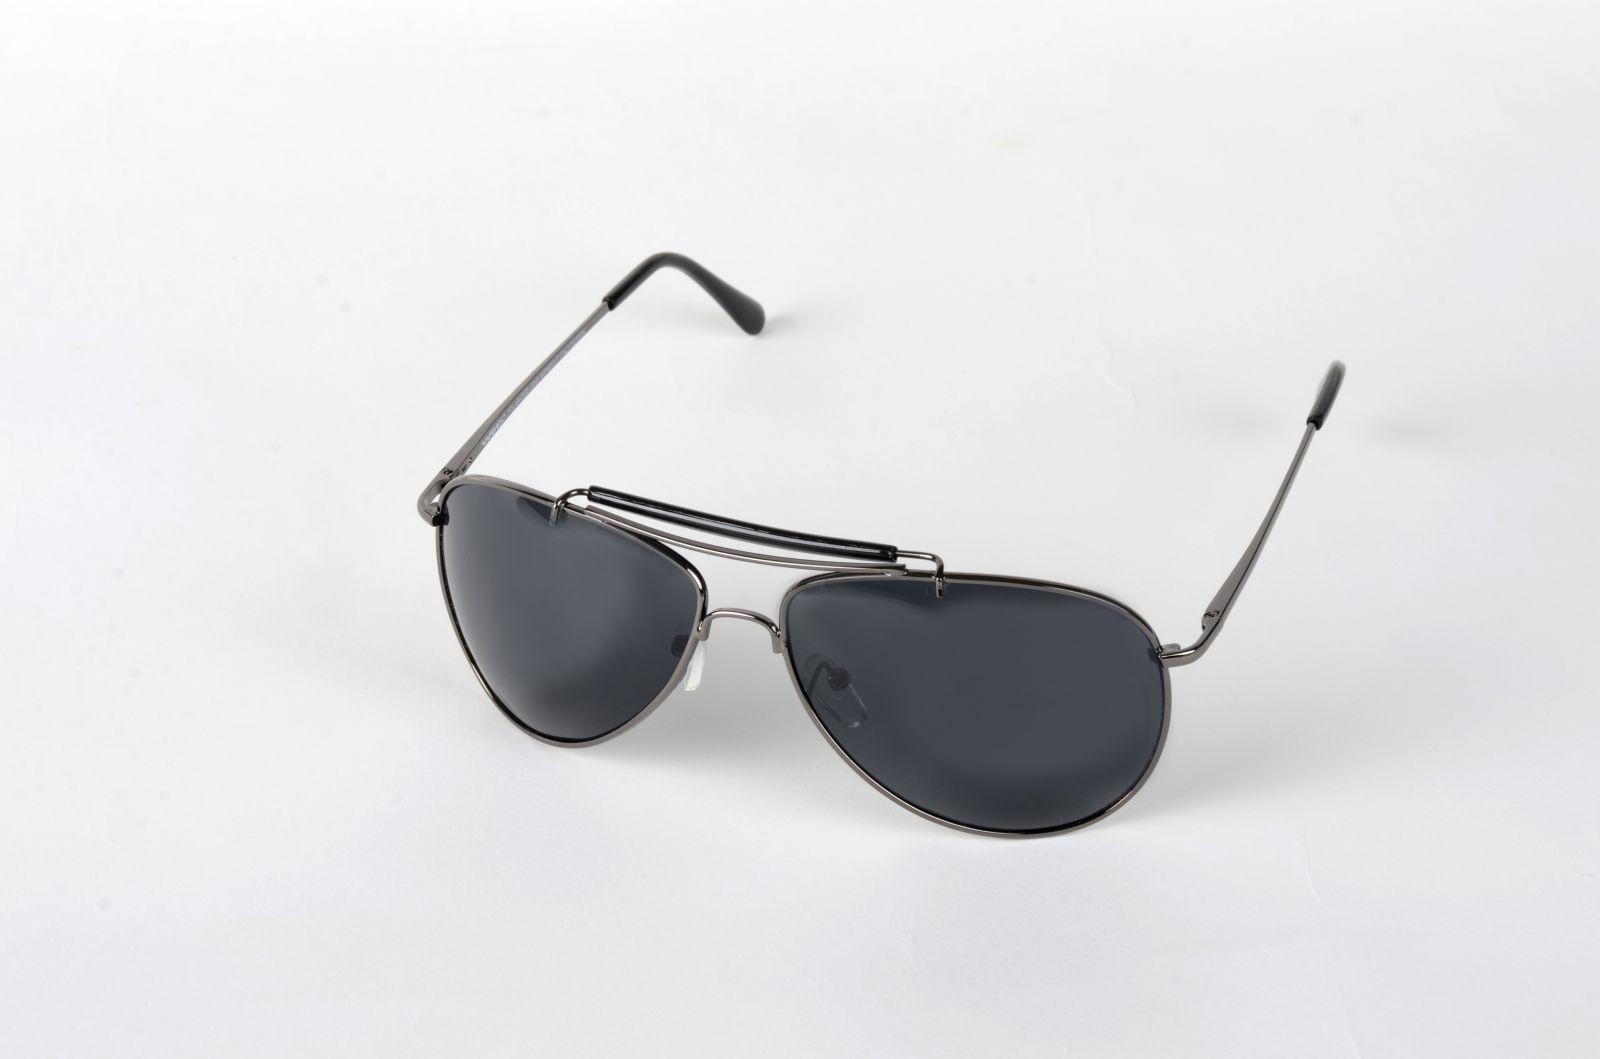 Polarizační brýle 3017 tmavomodré čočky ČO Cat.3